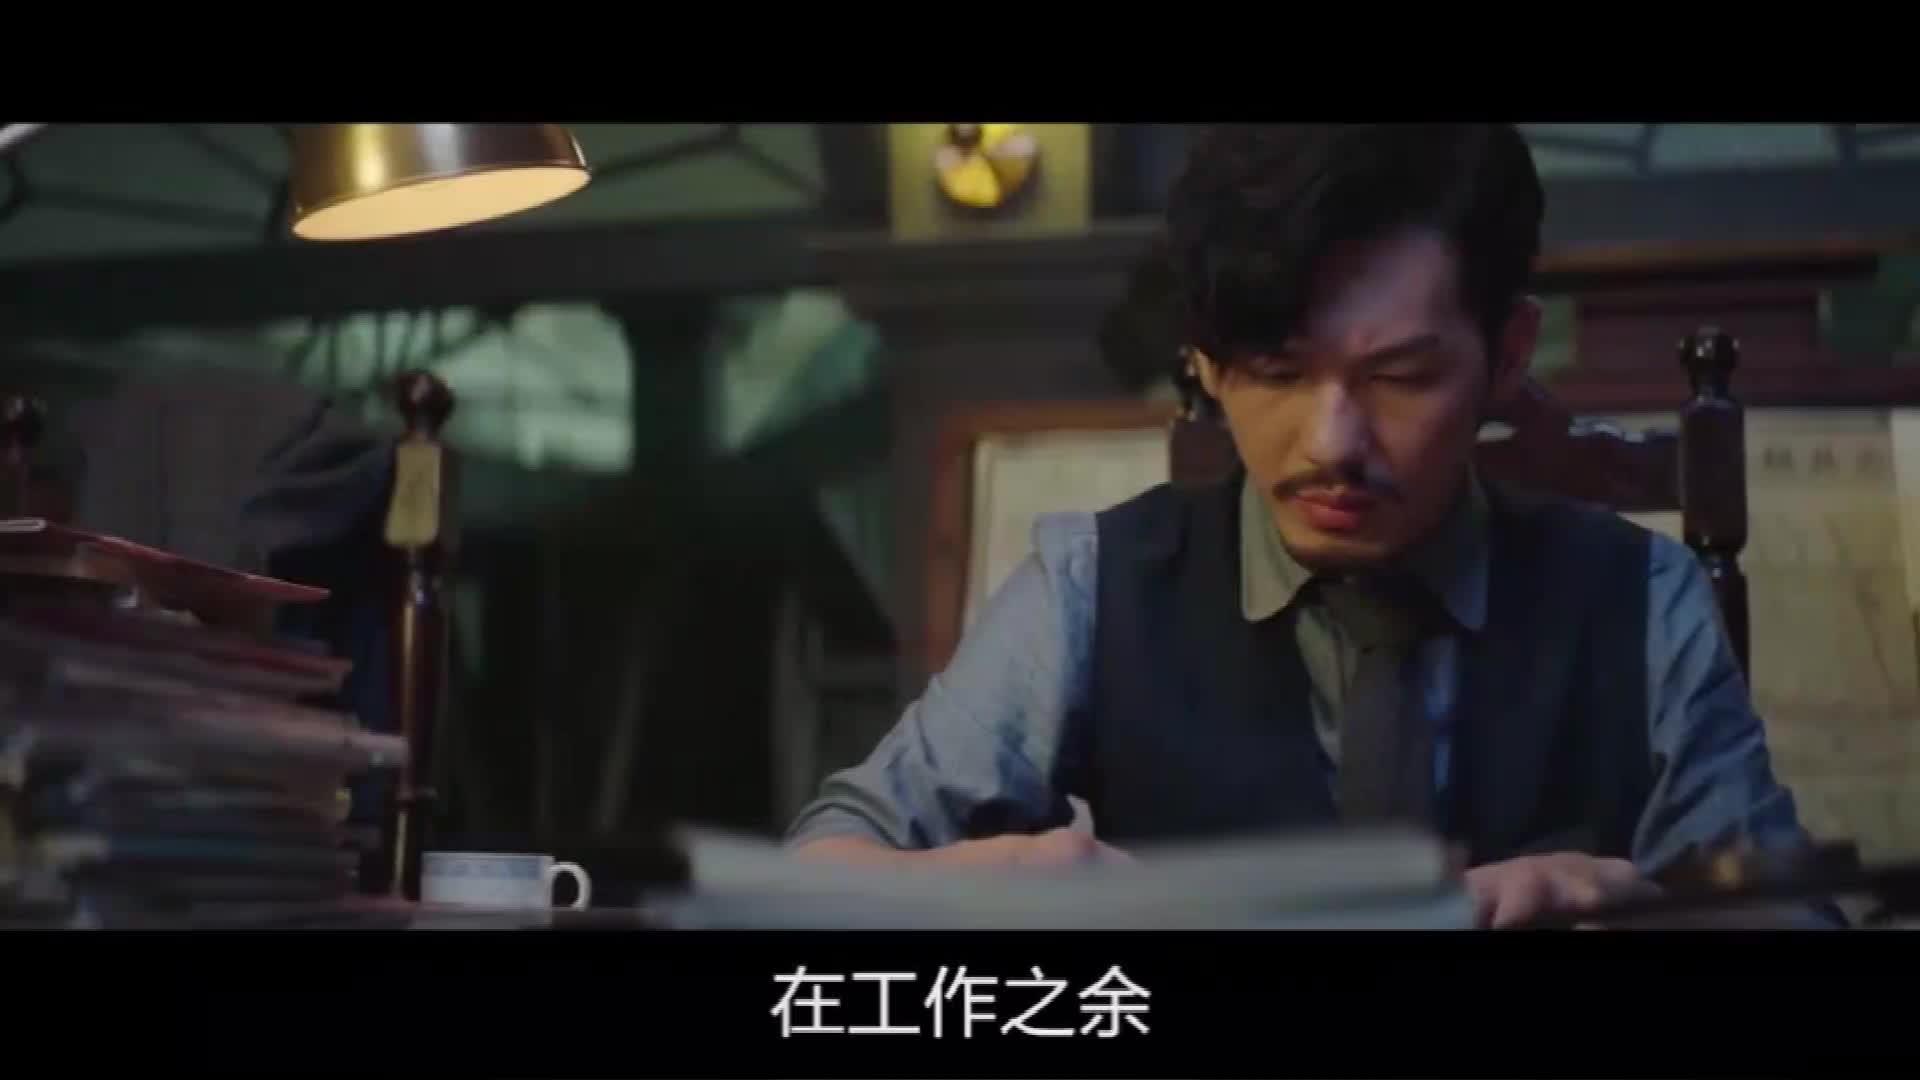 #侦探小课堂#《绅探》罗非侦探小课堂:第一视角,教你成为优秀侦探!